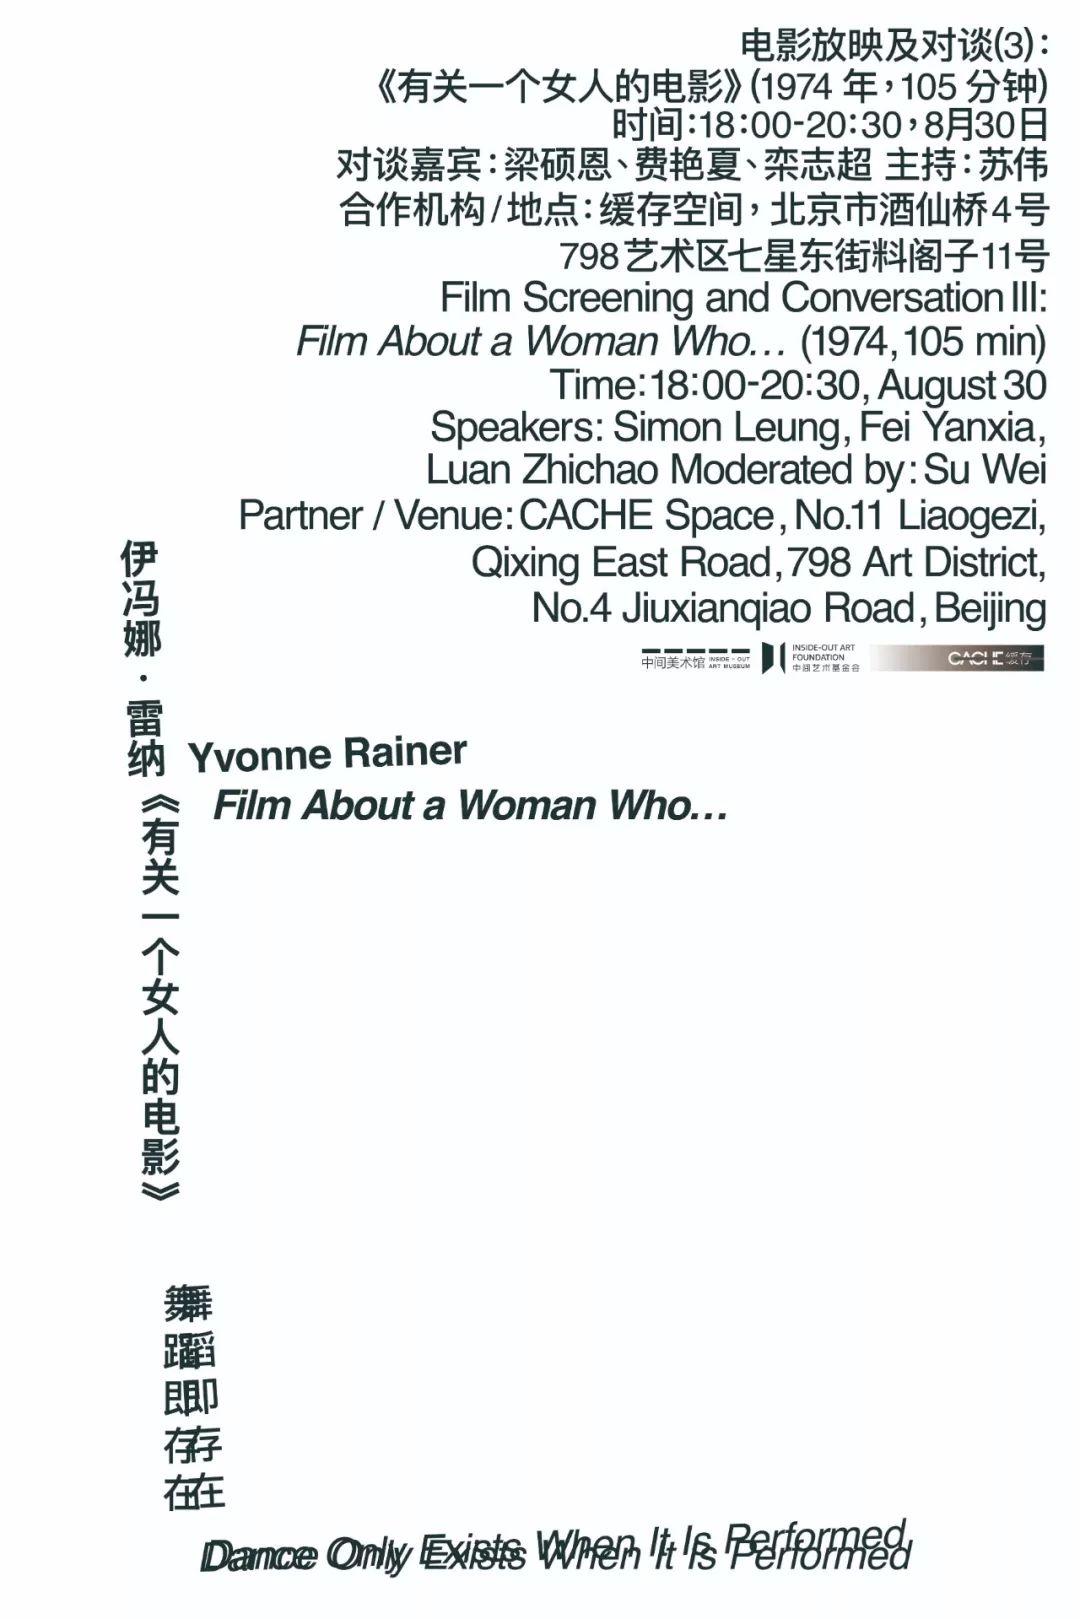 """此次放映+对谈由北京中间美术馆与缓存空间合作主办,是于8月24日在北京中间美术馆开幕的展览""""伊冯娜·雷纳与文慧:舞蹈即存在""""展期内一次重要的活动。     我们将在上半场时间放映美国艺术家、后现代舞蹈重要的奠基者之一伊冯娜·雷纳于1974年拍摄的影片《有关一个女人的电影……》;下半场,我们邀请出版人费艳夏、资深艺术写作者及编辑栾志超与和展览""""伊冯娜·雷纳与文慧:舞蹈即存在""""中""""伊冯娜·雷纳导论/北京""""的项目负责人梁硕恩一起,展开关于这部电影的对话,聚焦于伊冯娜艺术理念中的性别议题。     活动地点:缓存空间,北京市酒仙桥4号798艺术区七星东街料阁子11号"""